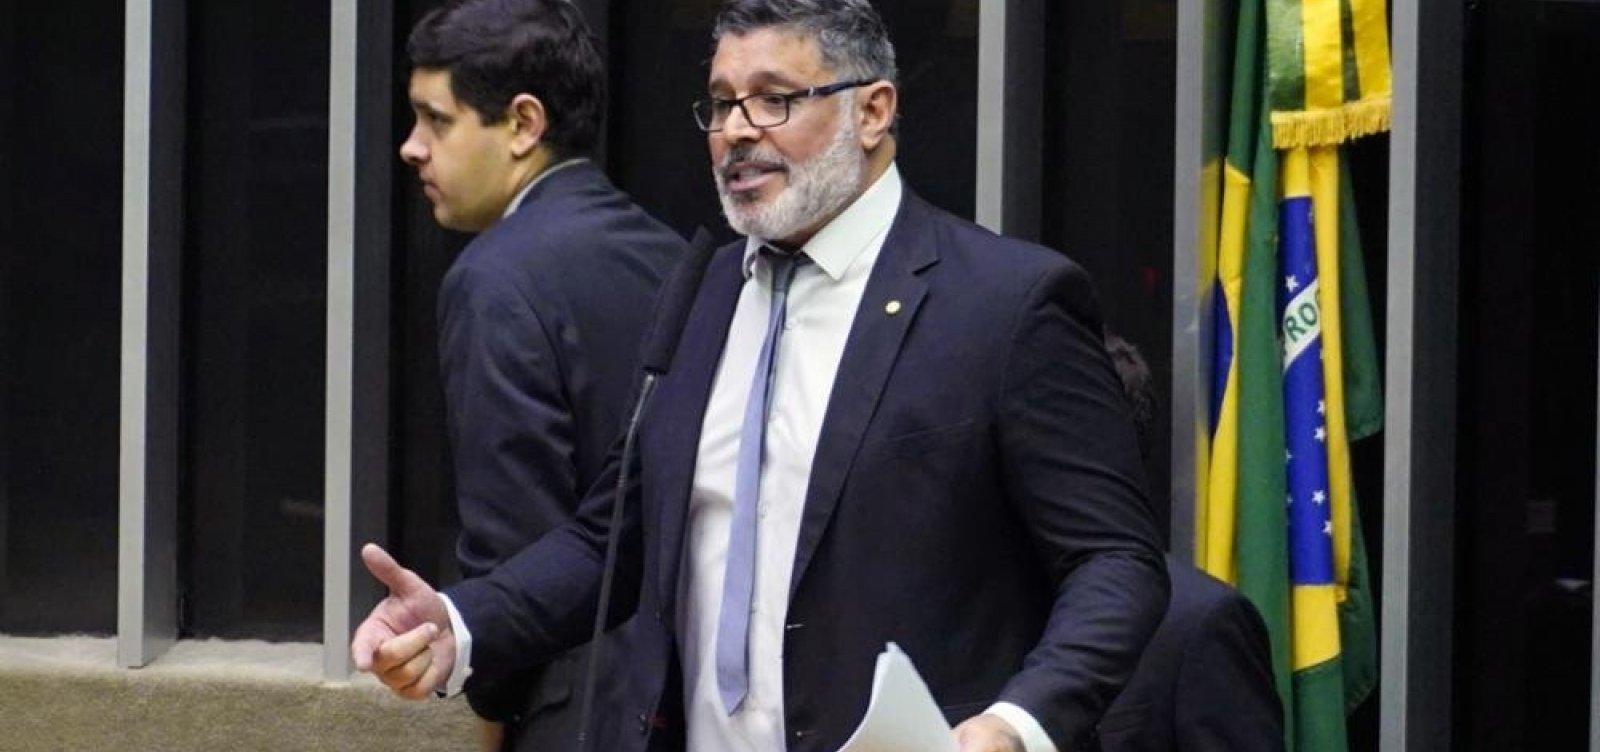 'Bolsonaro não suporta o processo democrático', diz Frota